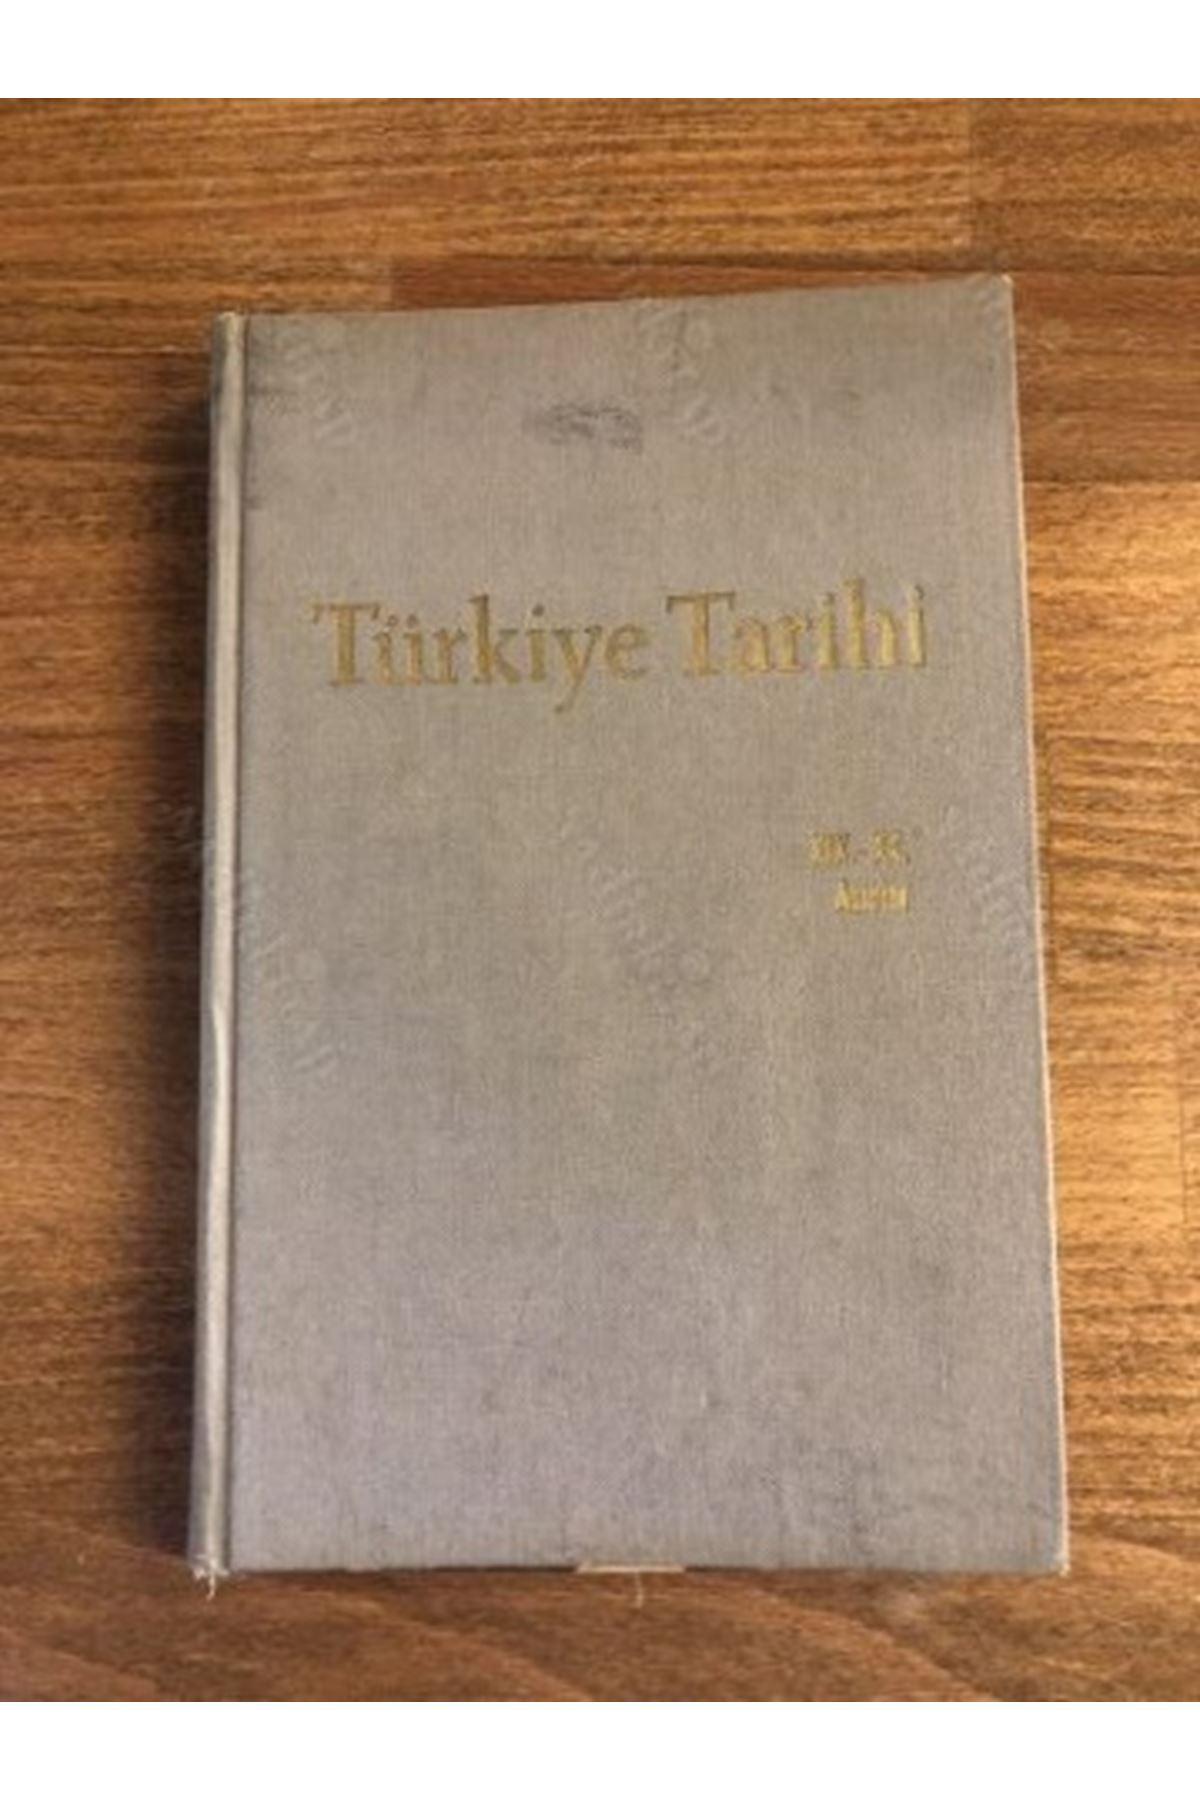 T.YILMAZ ÖZTUNA - BAŞLANGICINDAN ZAMANIMIZA KADAR TÜRKİYE TARİHİ 12.CİLT